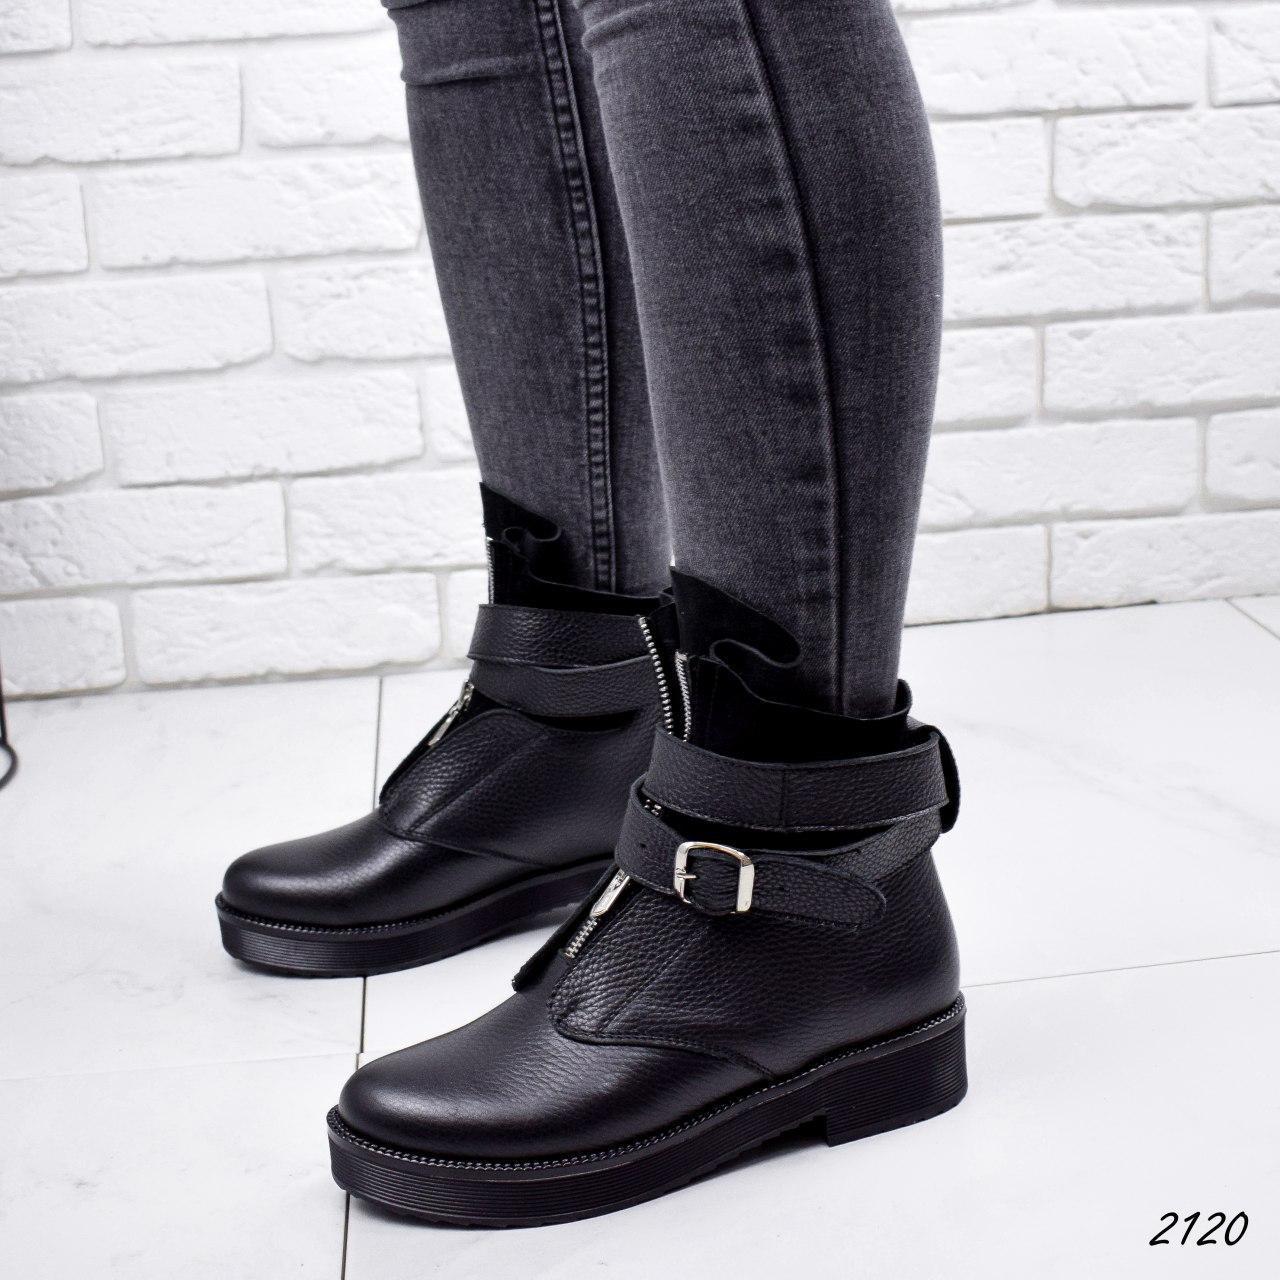 Черевики жіночі чорні, туфлі з НАТУРАЛЬНОЇ ШКІРИ. Черевики жіночі чорні з натуральної шкіри утеплені